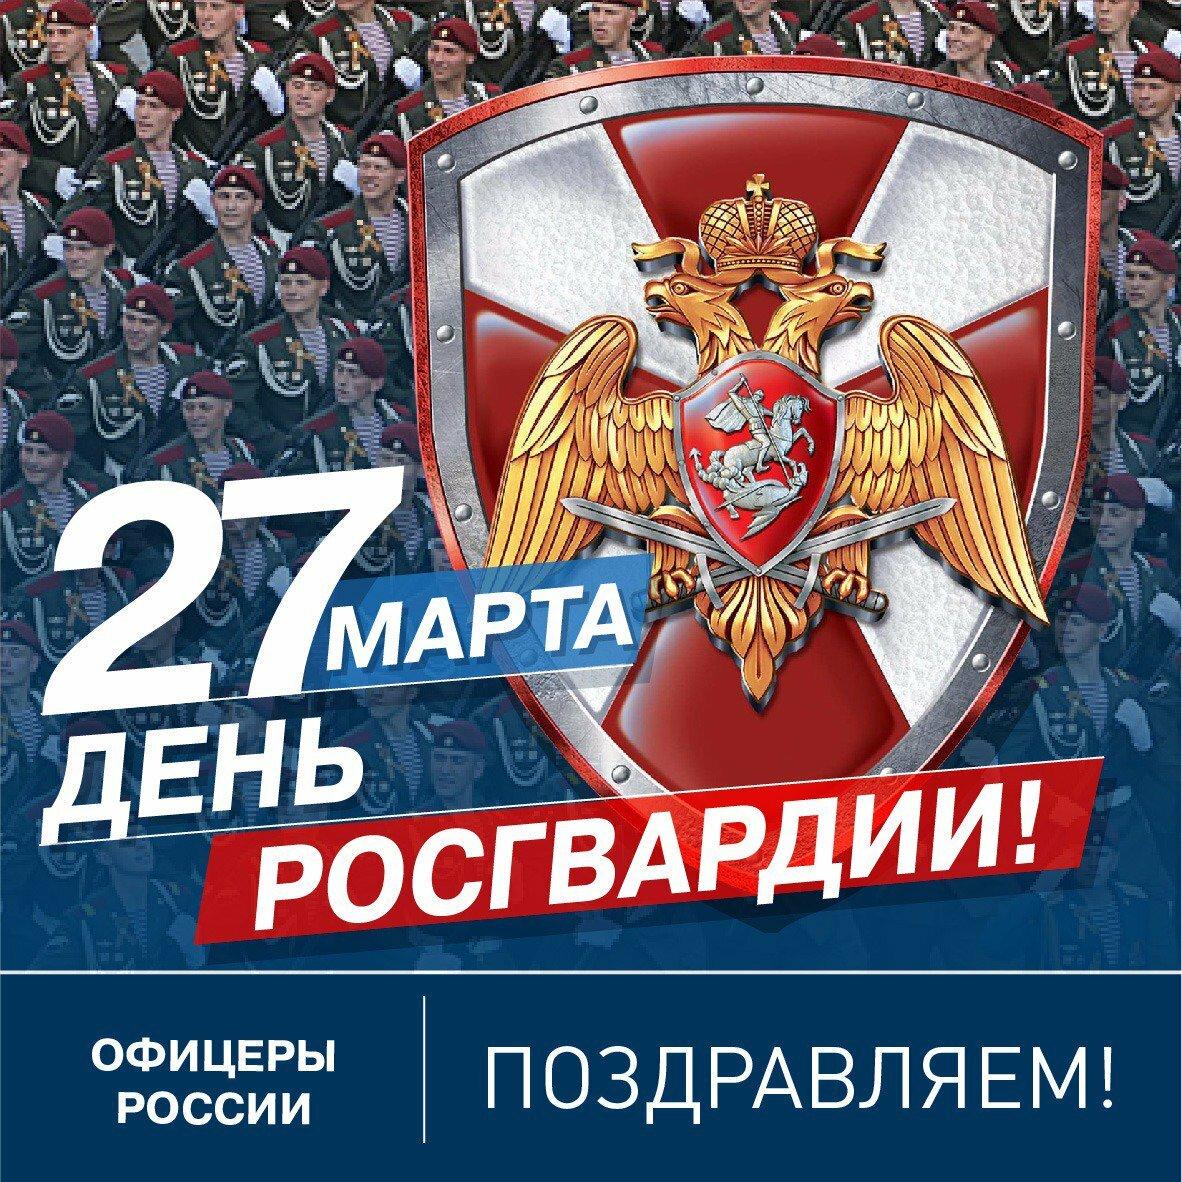 Россия картинки, открытка ко дню росгвардии